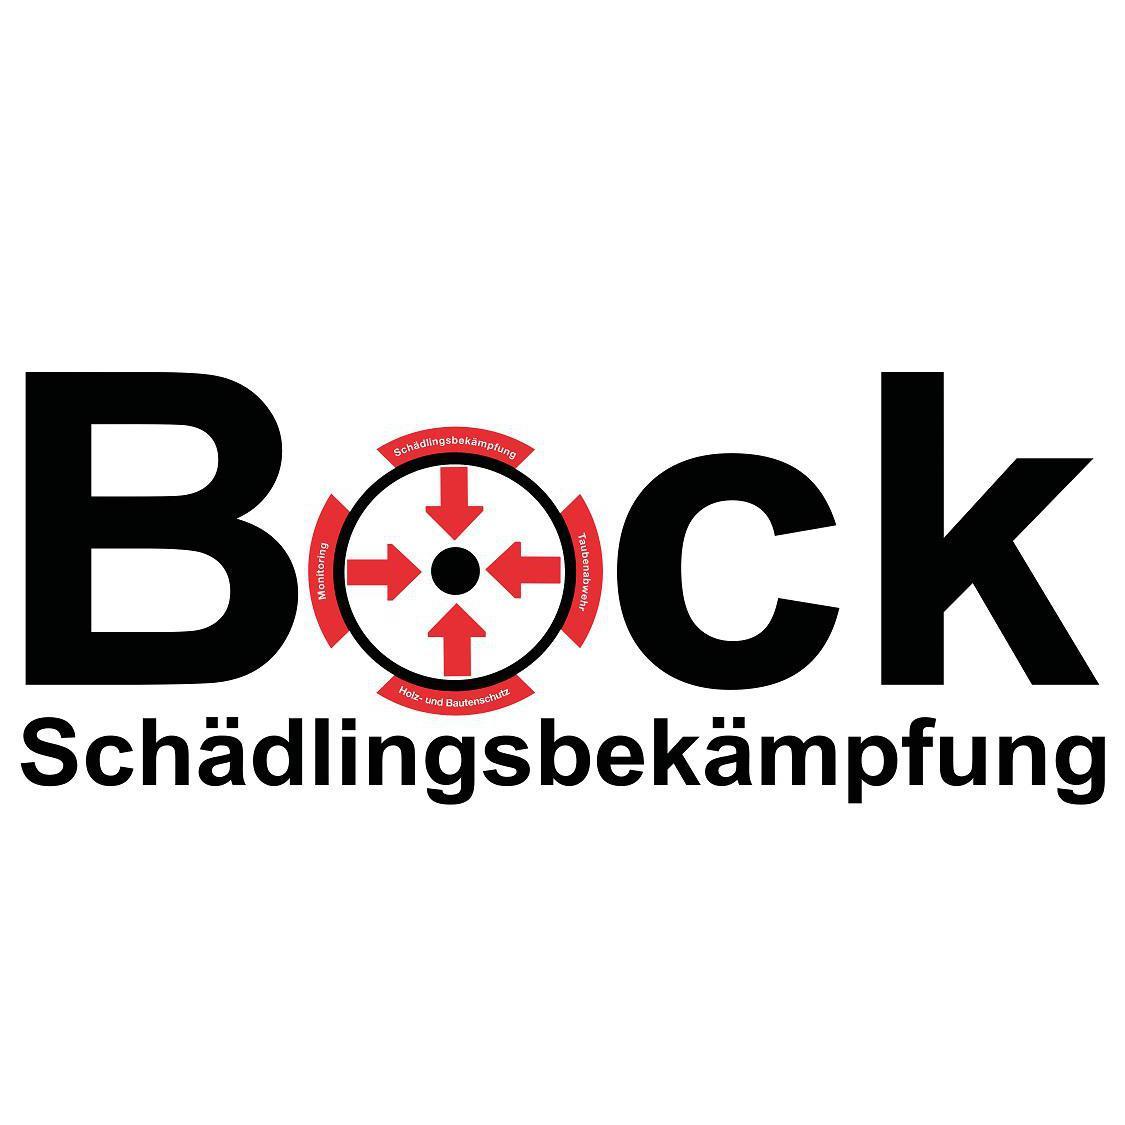 Bild zu Bock Schädlingsbekämpfung in Heilbronn am Neckar